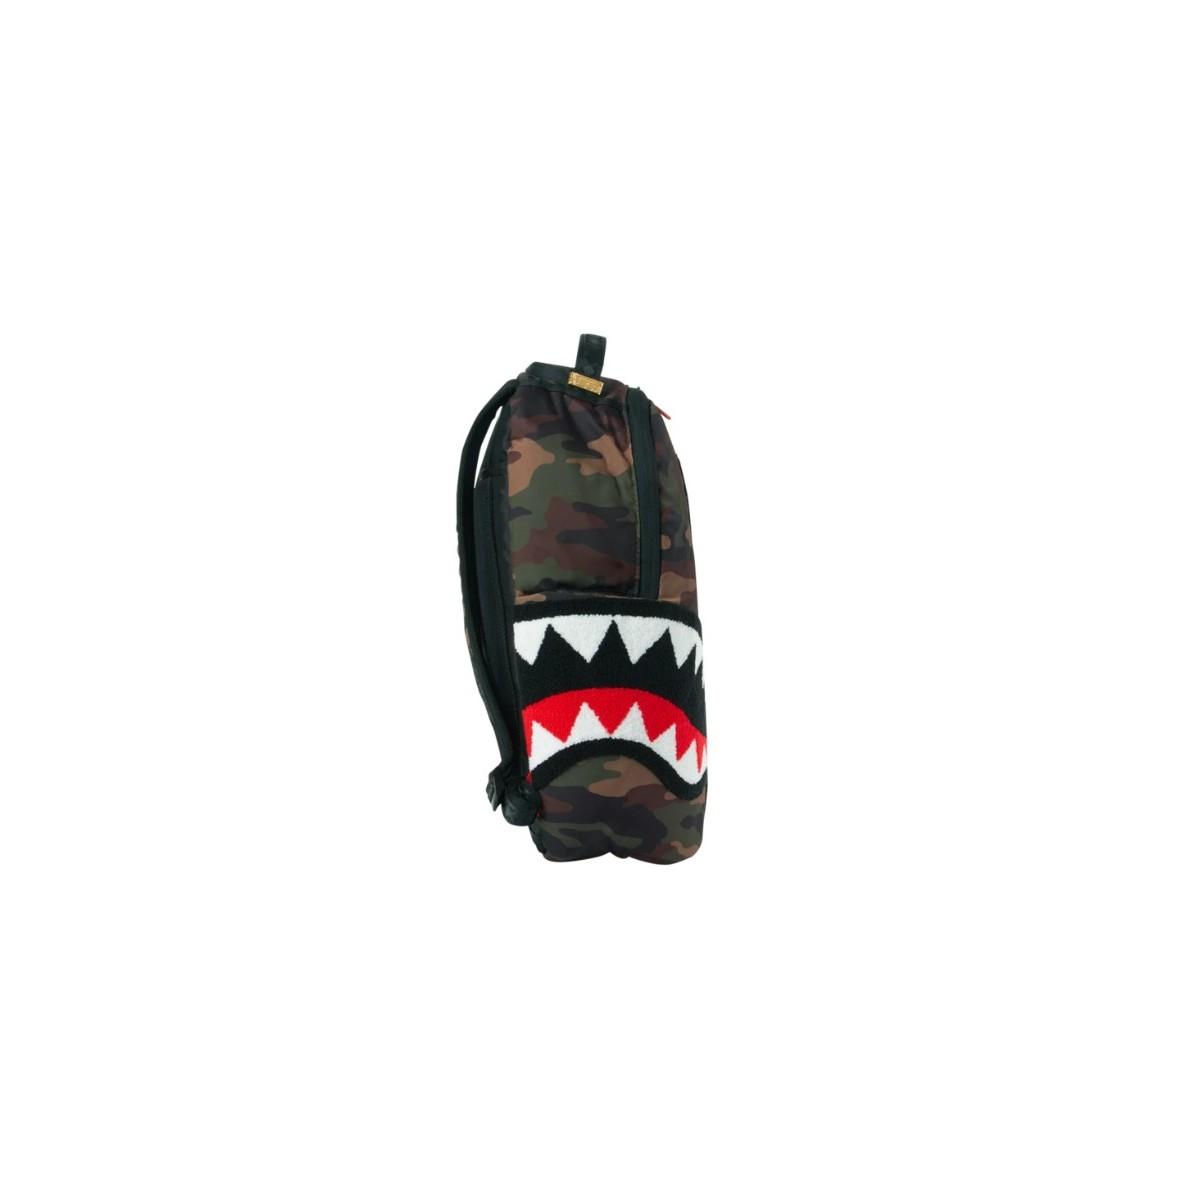 Zaino - Torpedo shark 1598